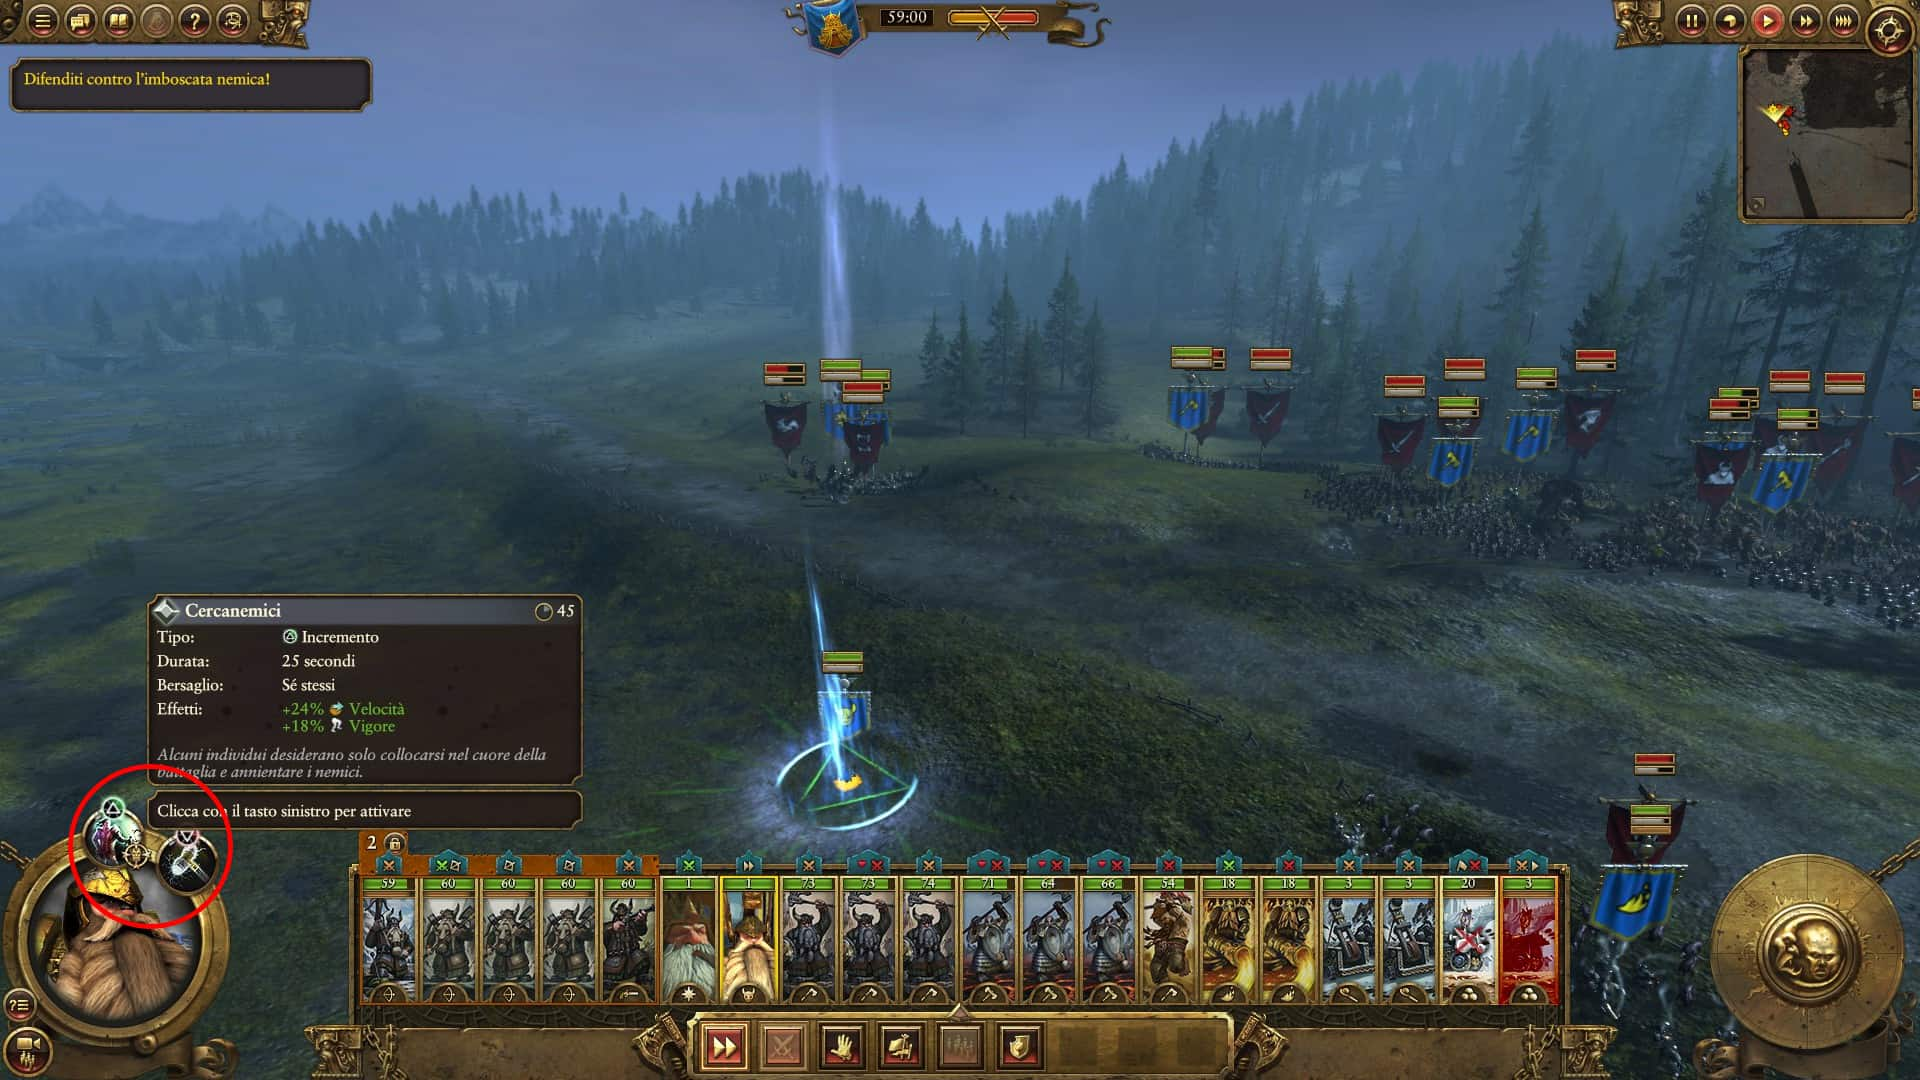 TWW Abilità attive in battaglia